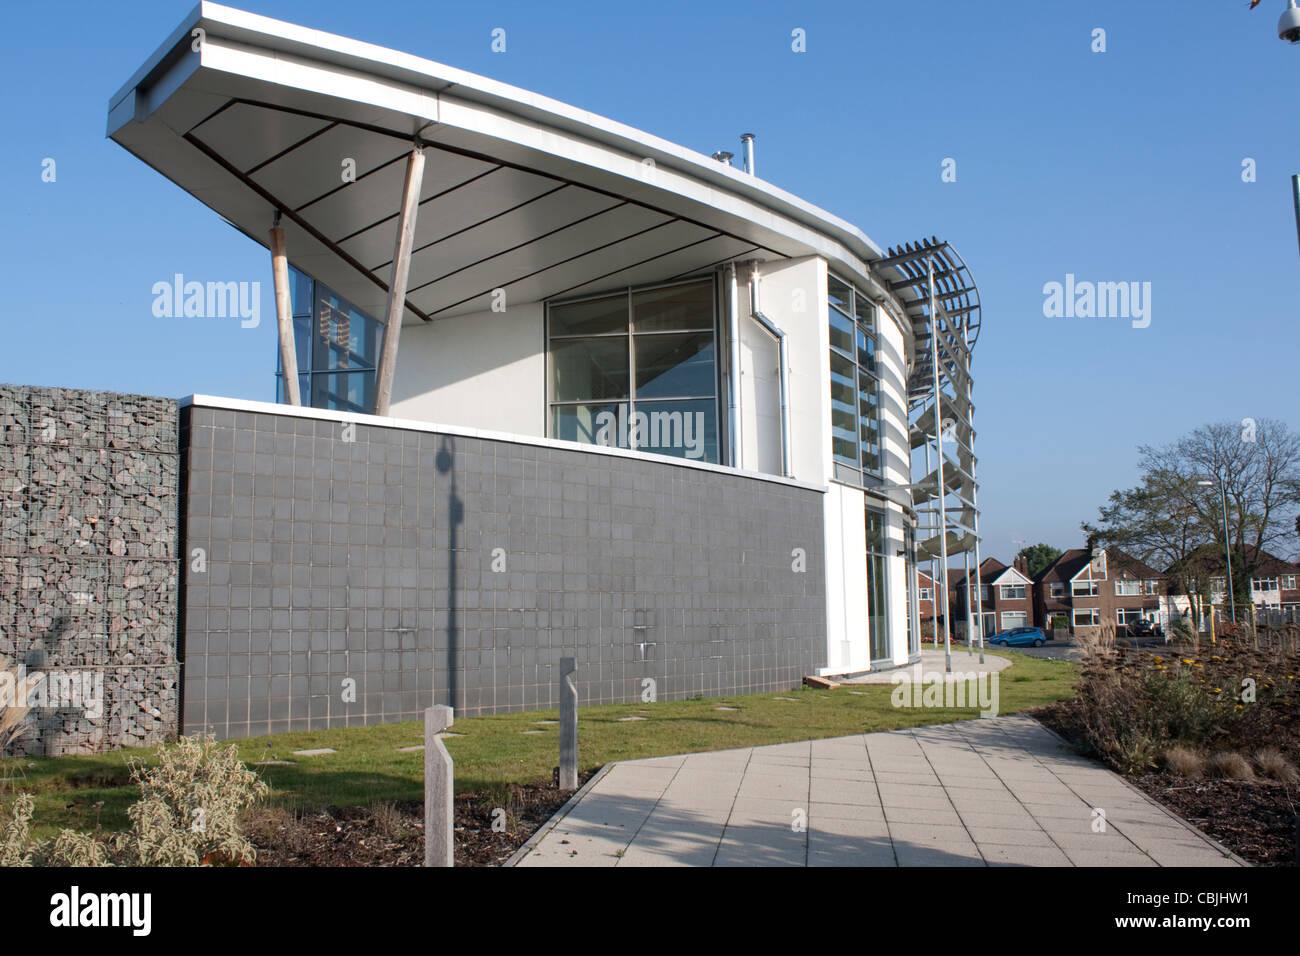 Wolseley Uk Leamington Spa